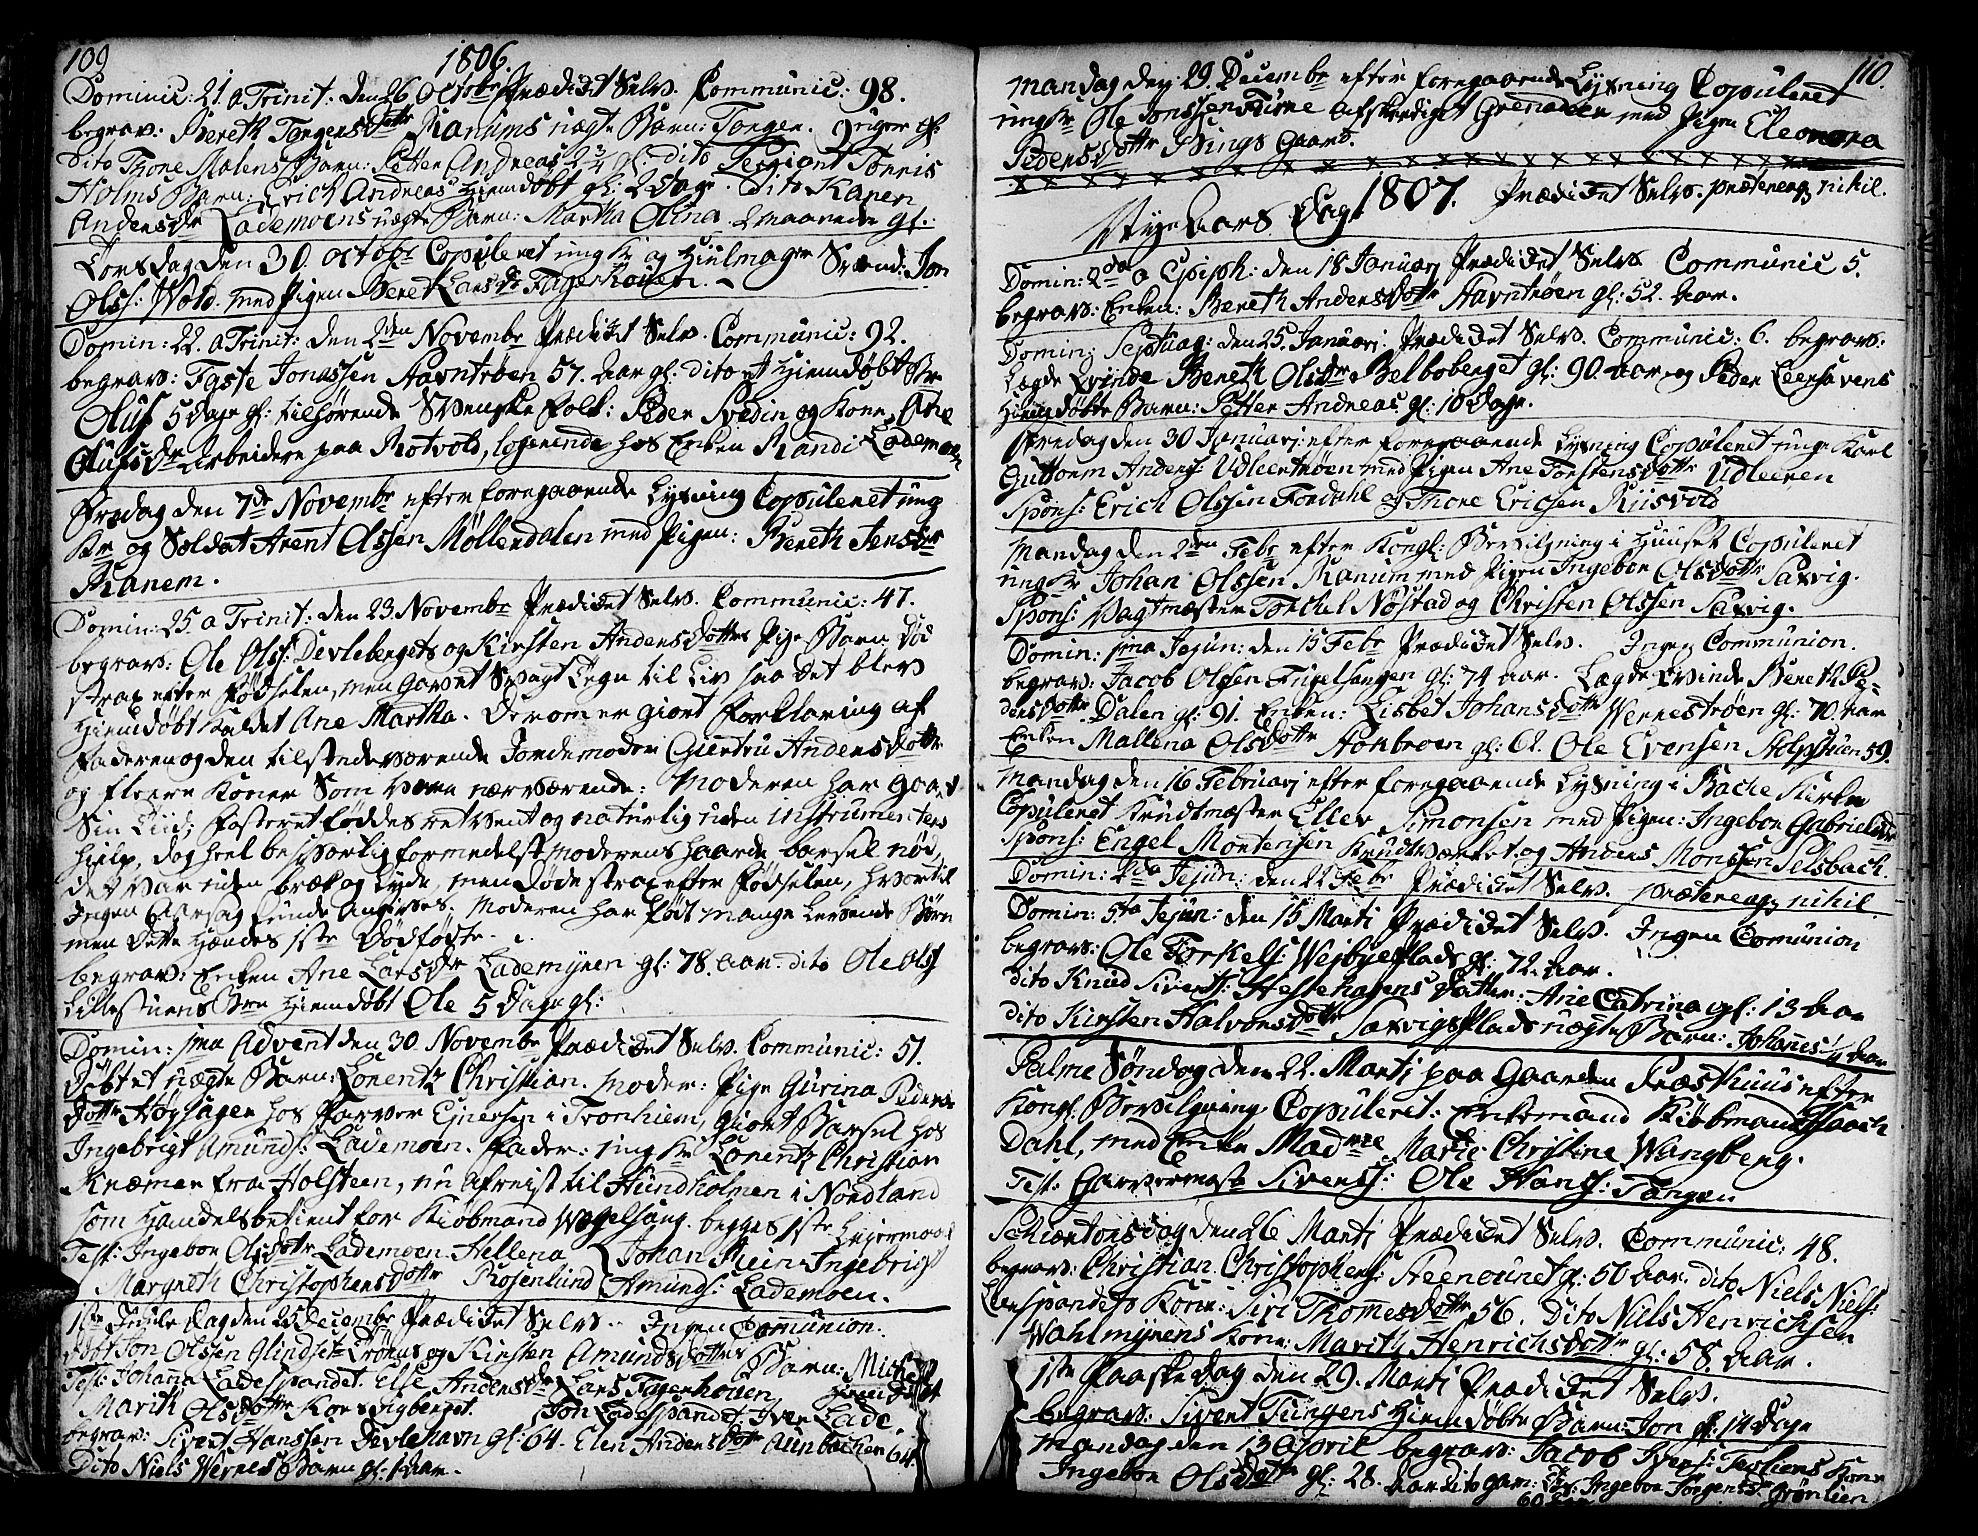 SAT, Ministerialprotokoller, klokkerbøker og fødselsregistre - Sør-Trøndelag, 606/L0280: Ministerialbok nr. 606A02 /1, 1781-1817, s. 109-110